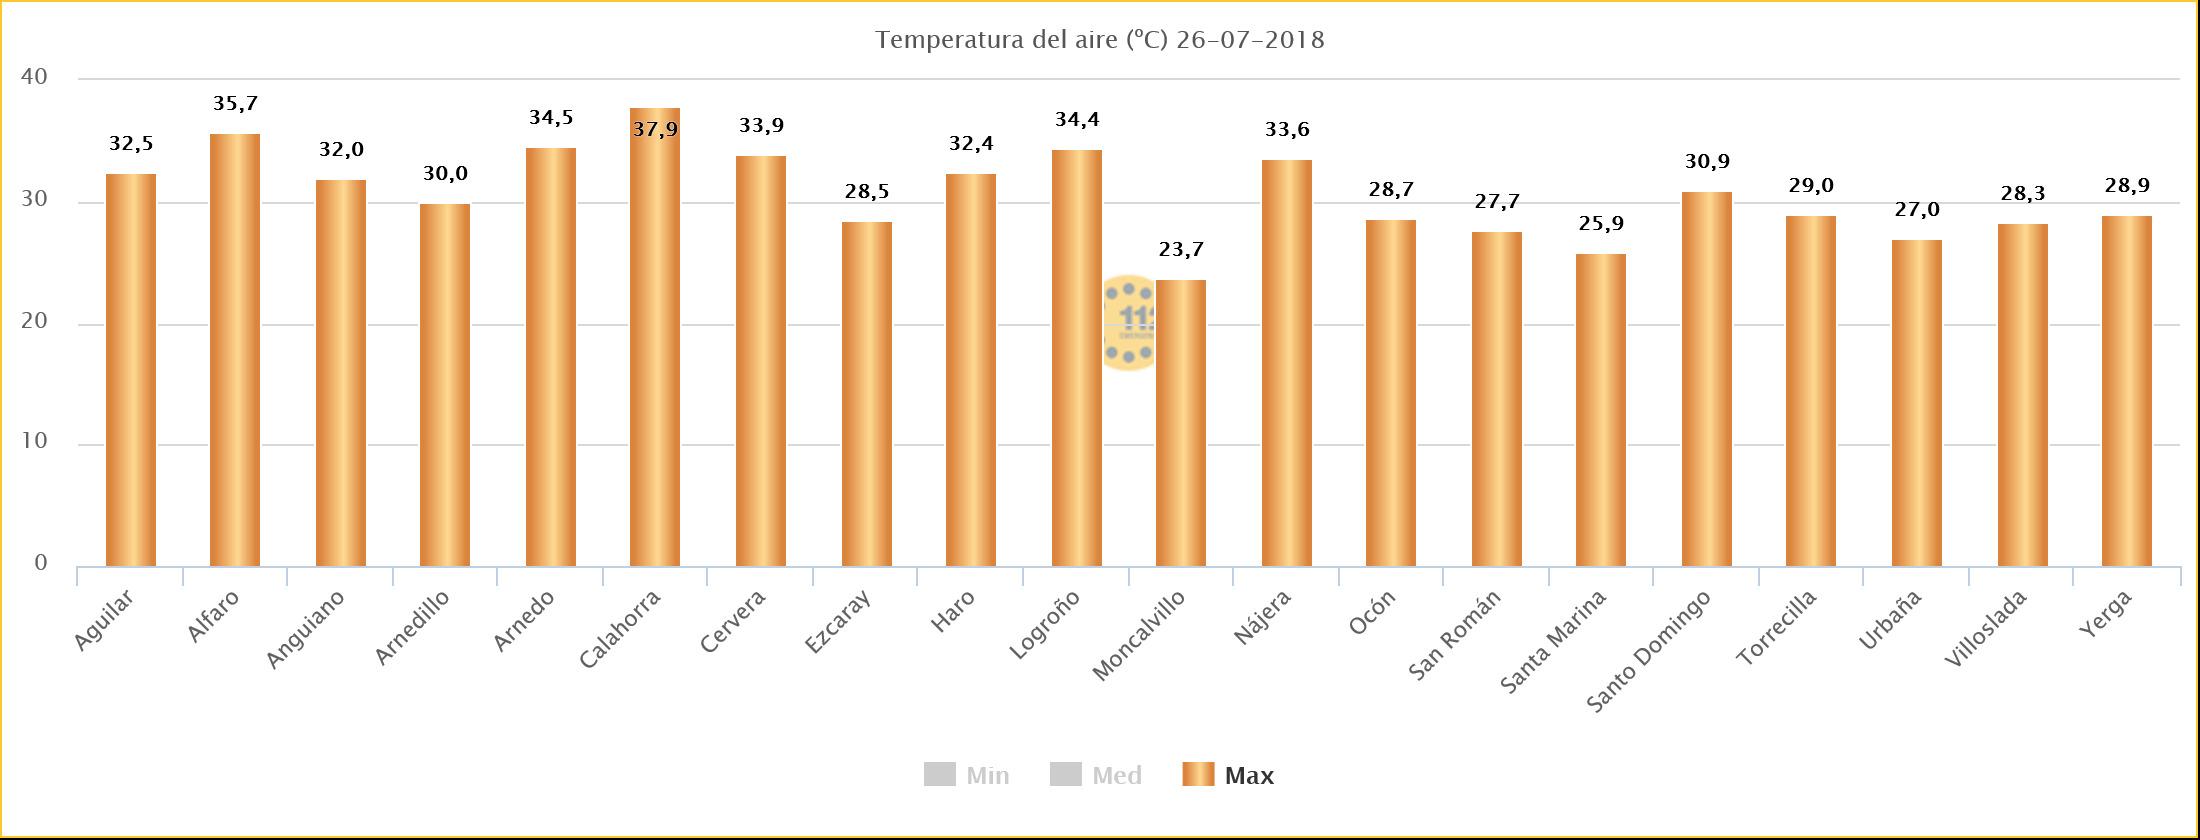 Grafico teGrafico temperaturas SOS Riojamperaturas S